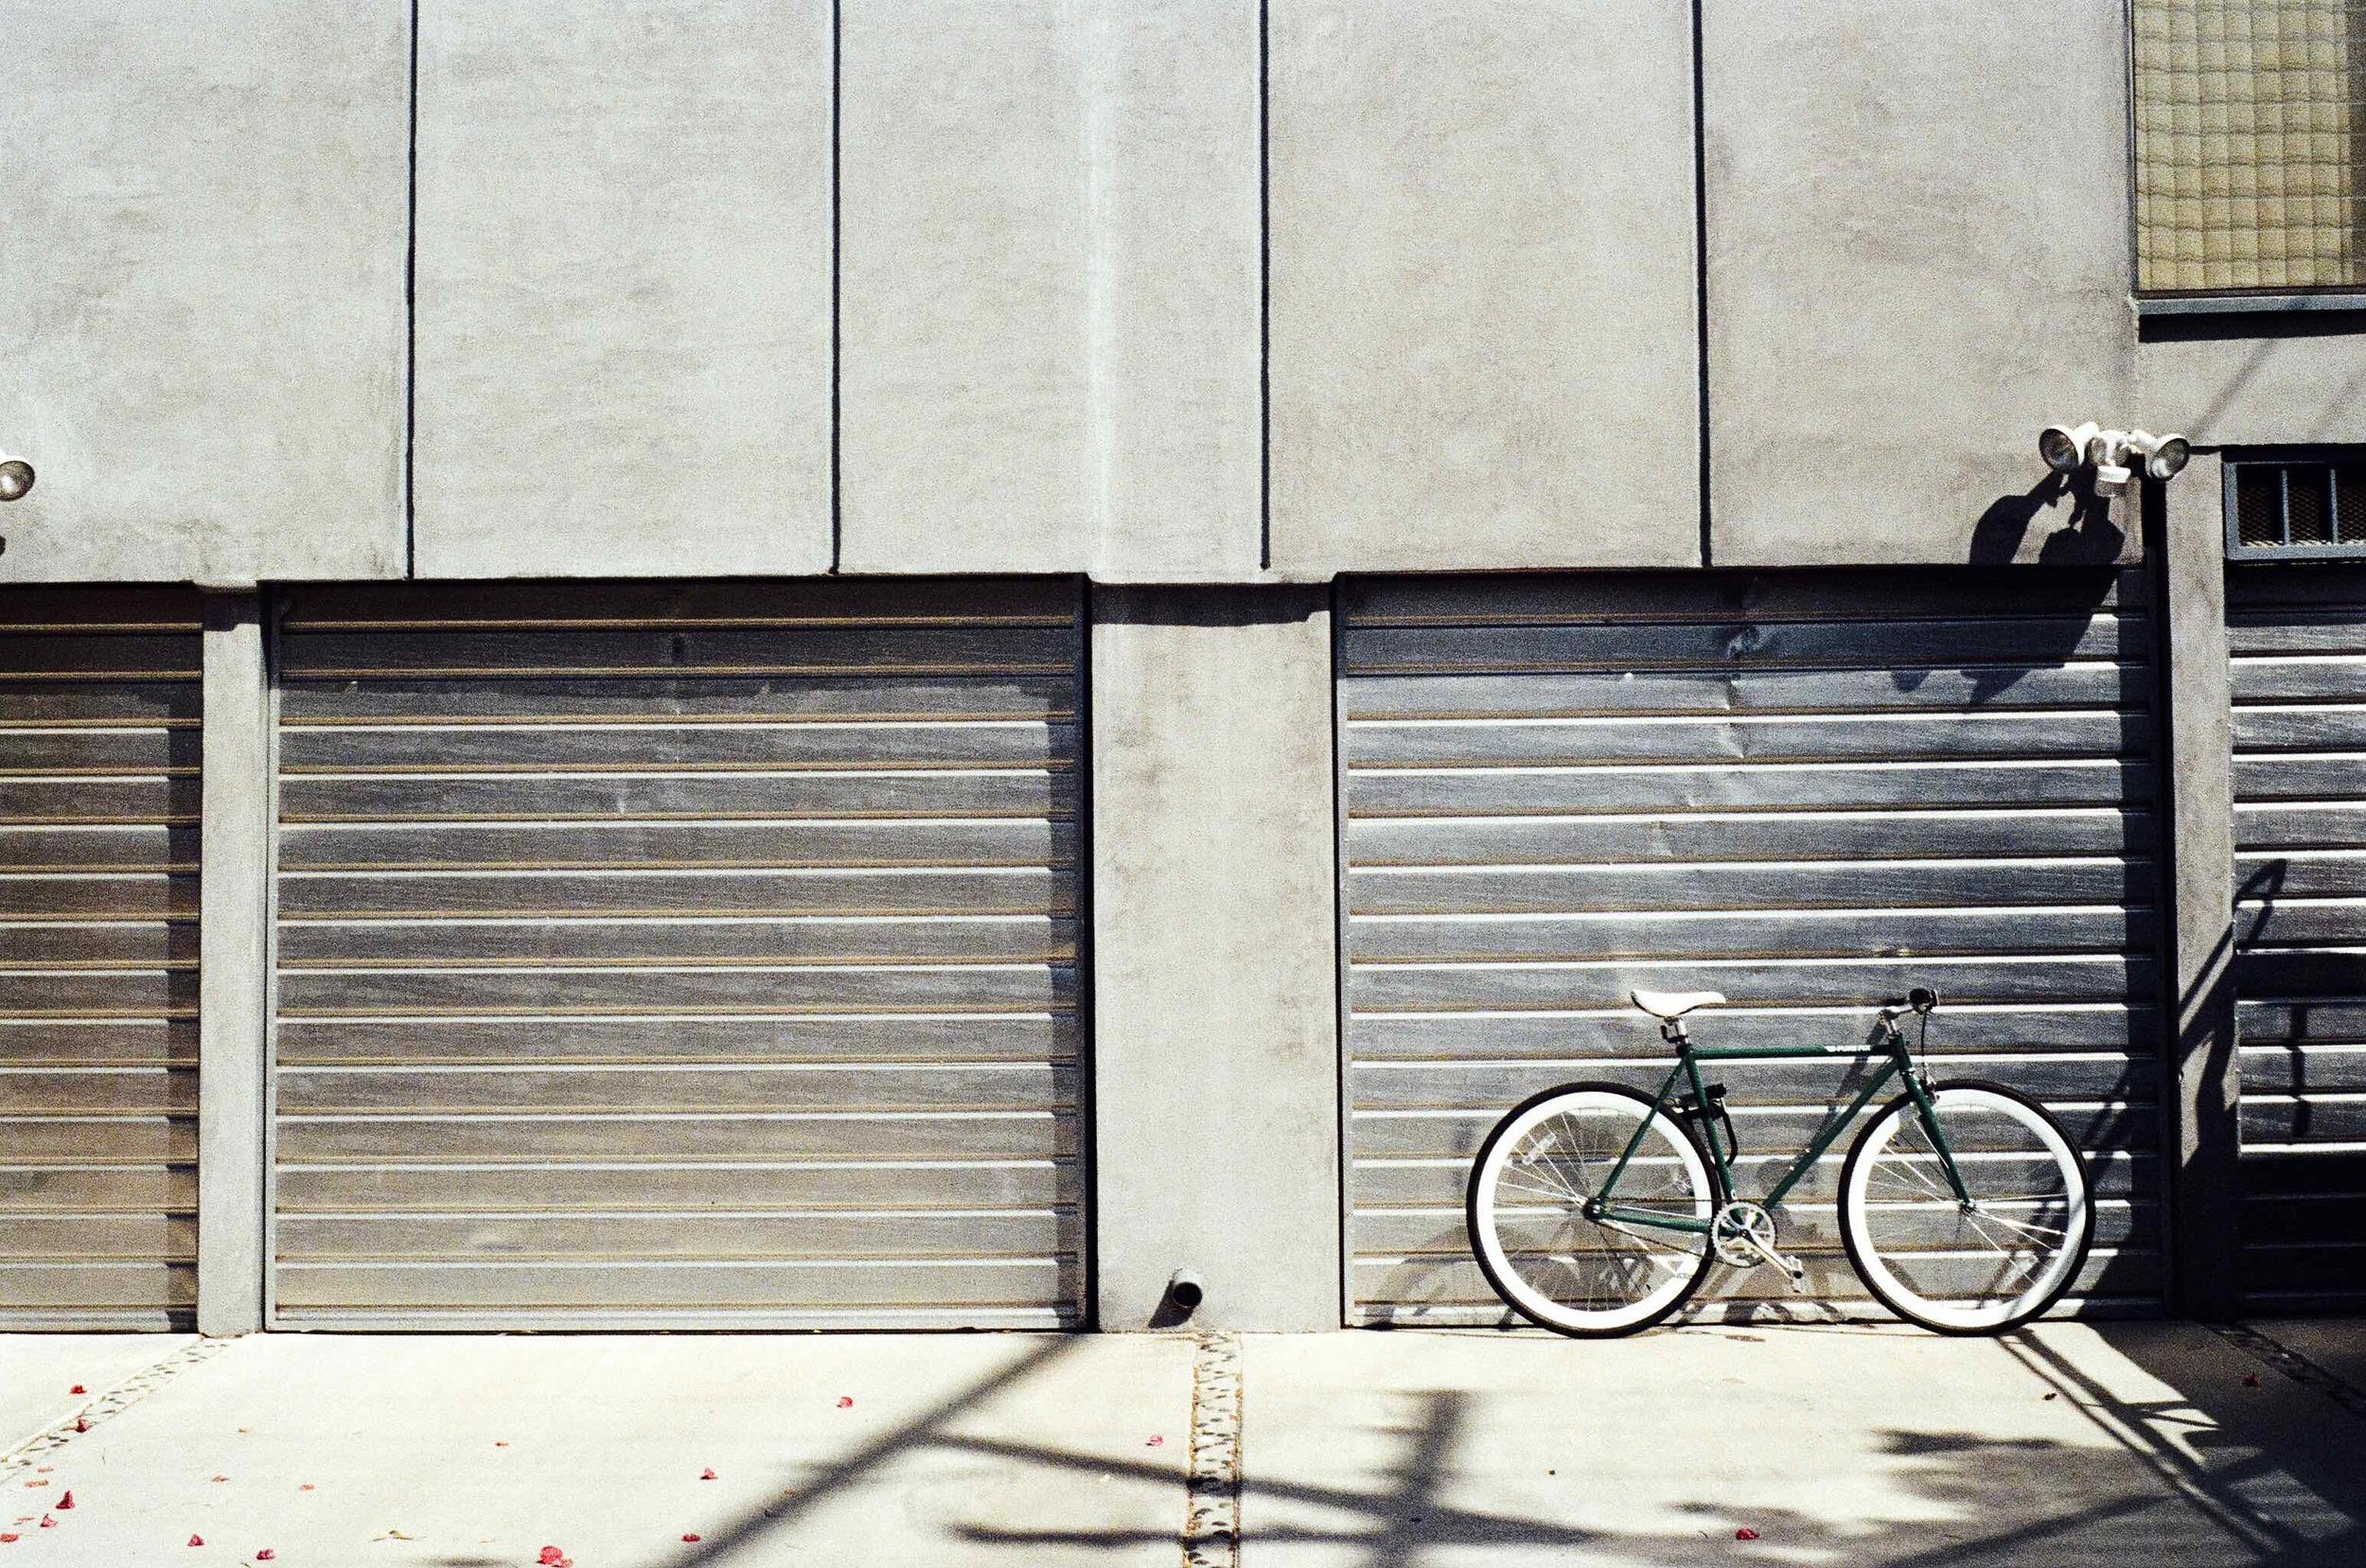 garage-bike.jpg